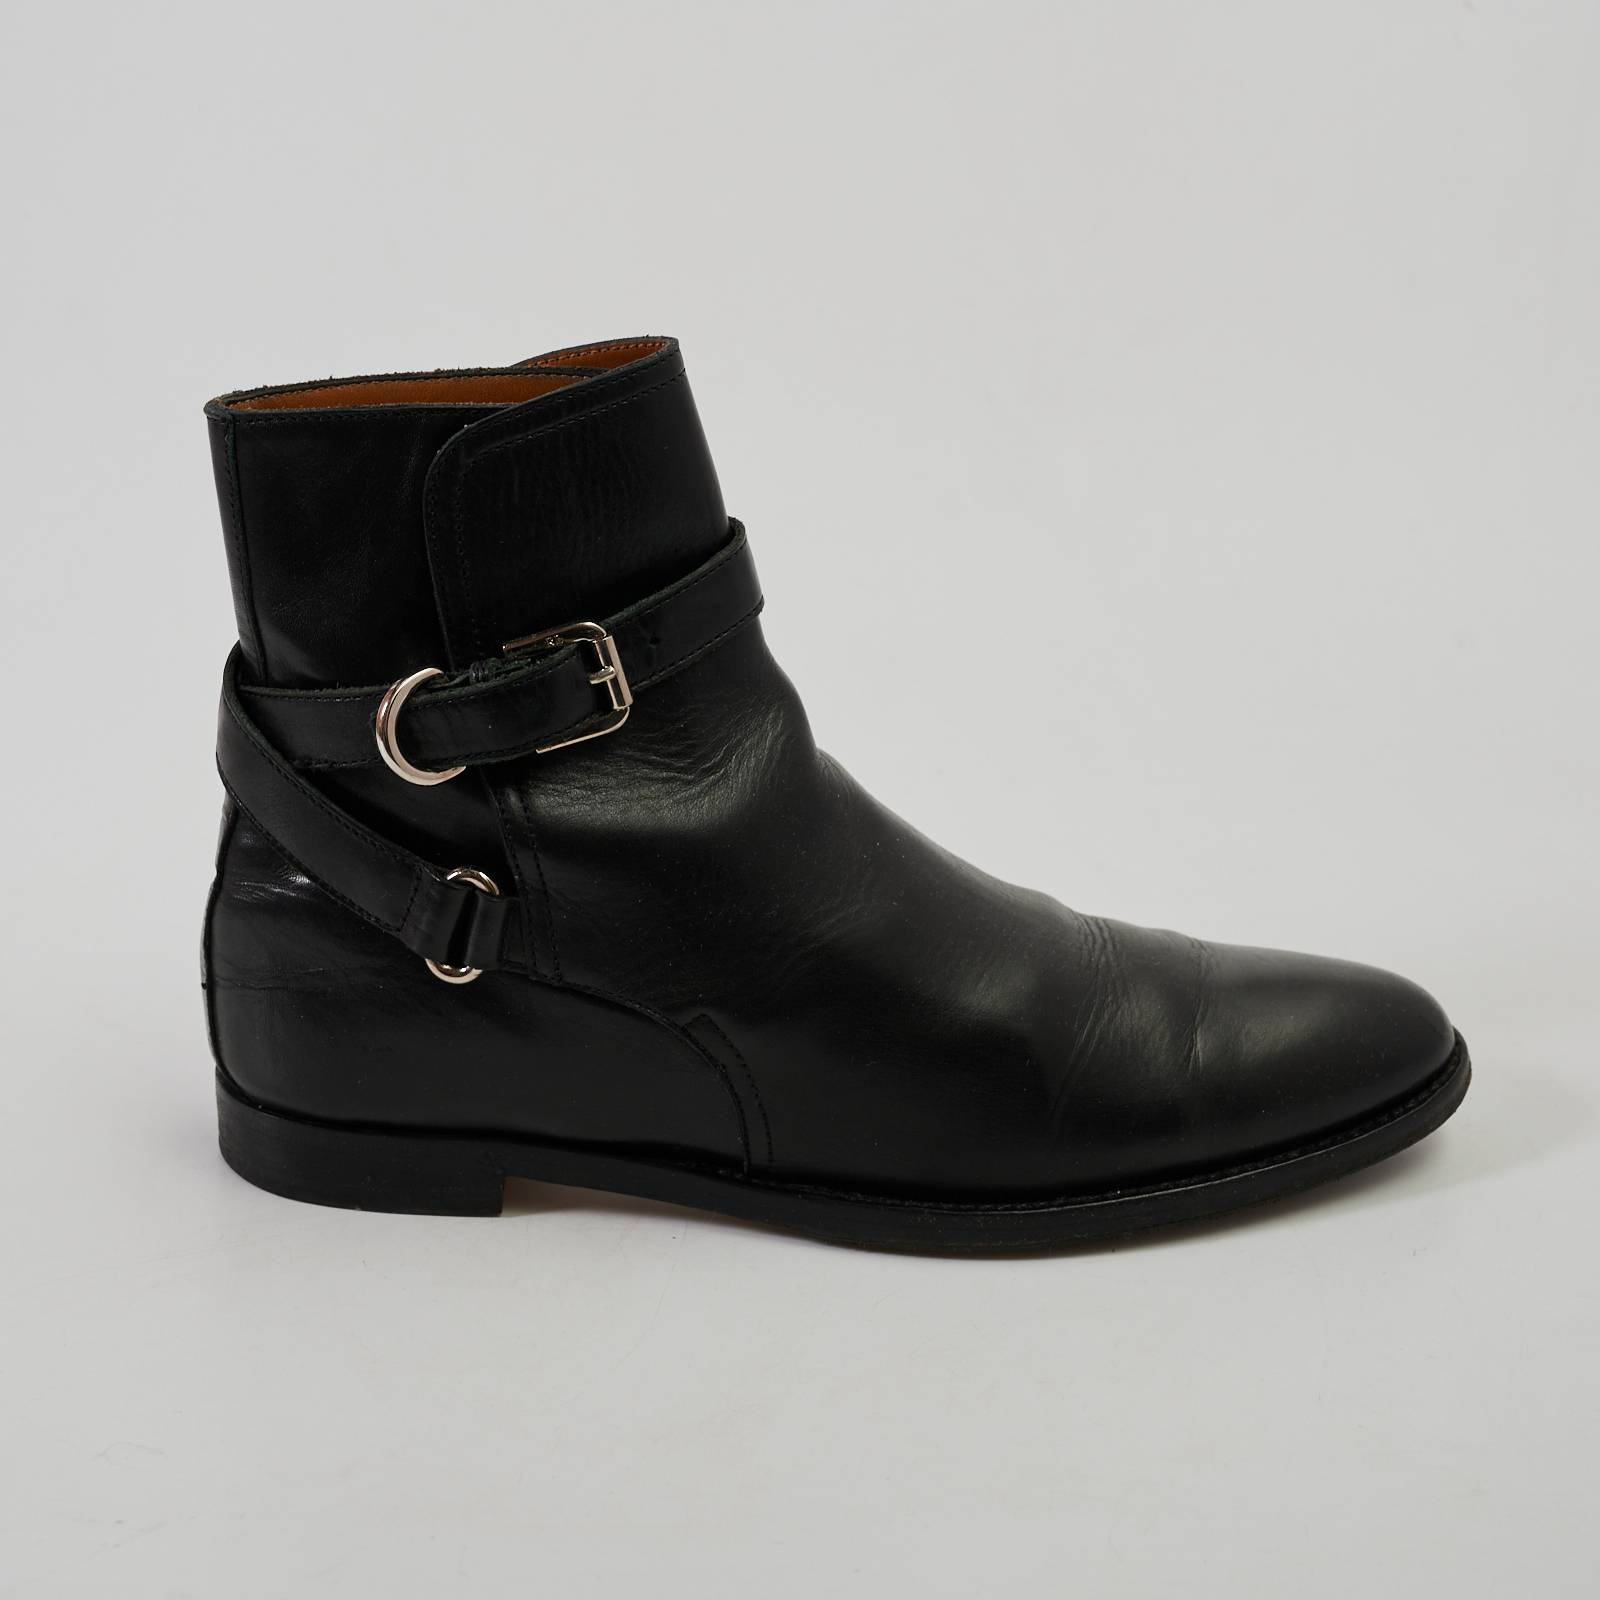 Ботинки Ralph Lauren